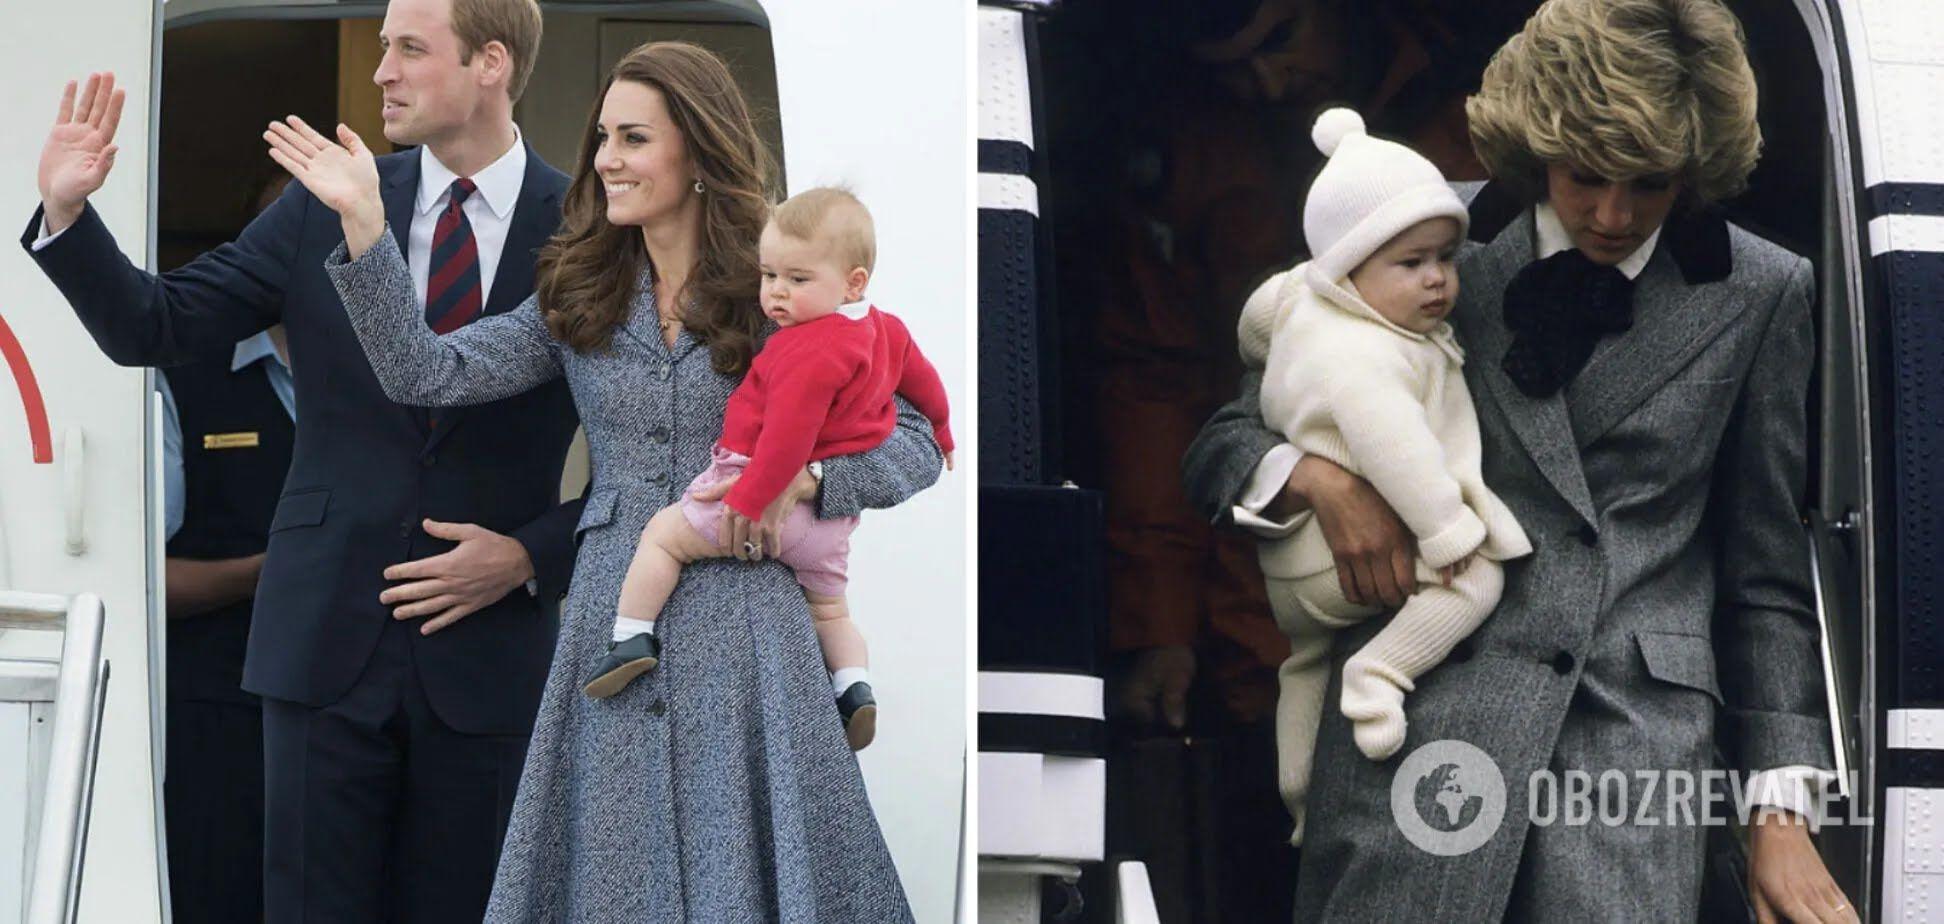 Кейт Міддлтон і принцеса Діана виходять з літака з синами на руках.